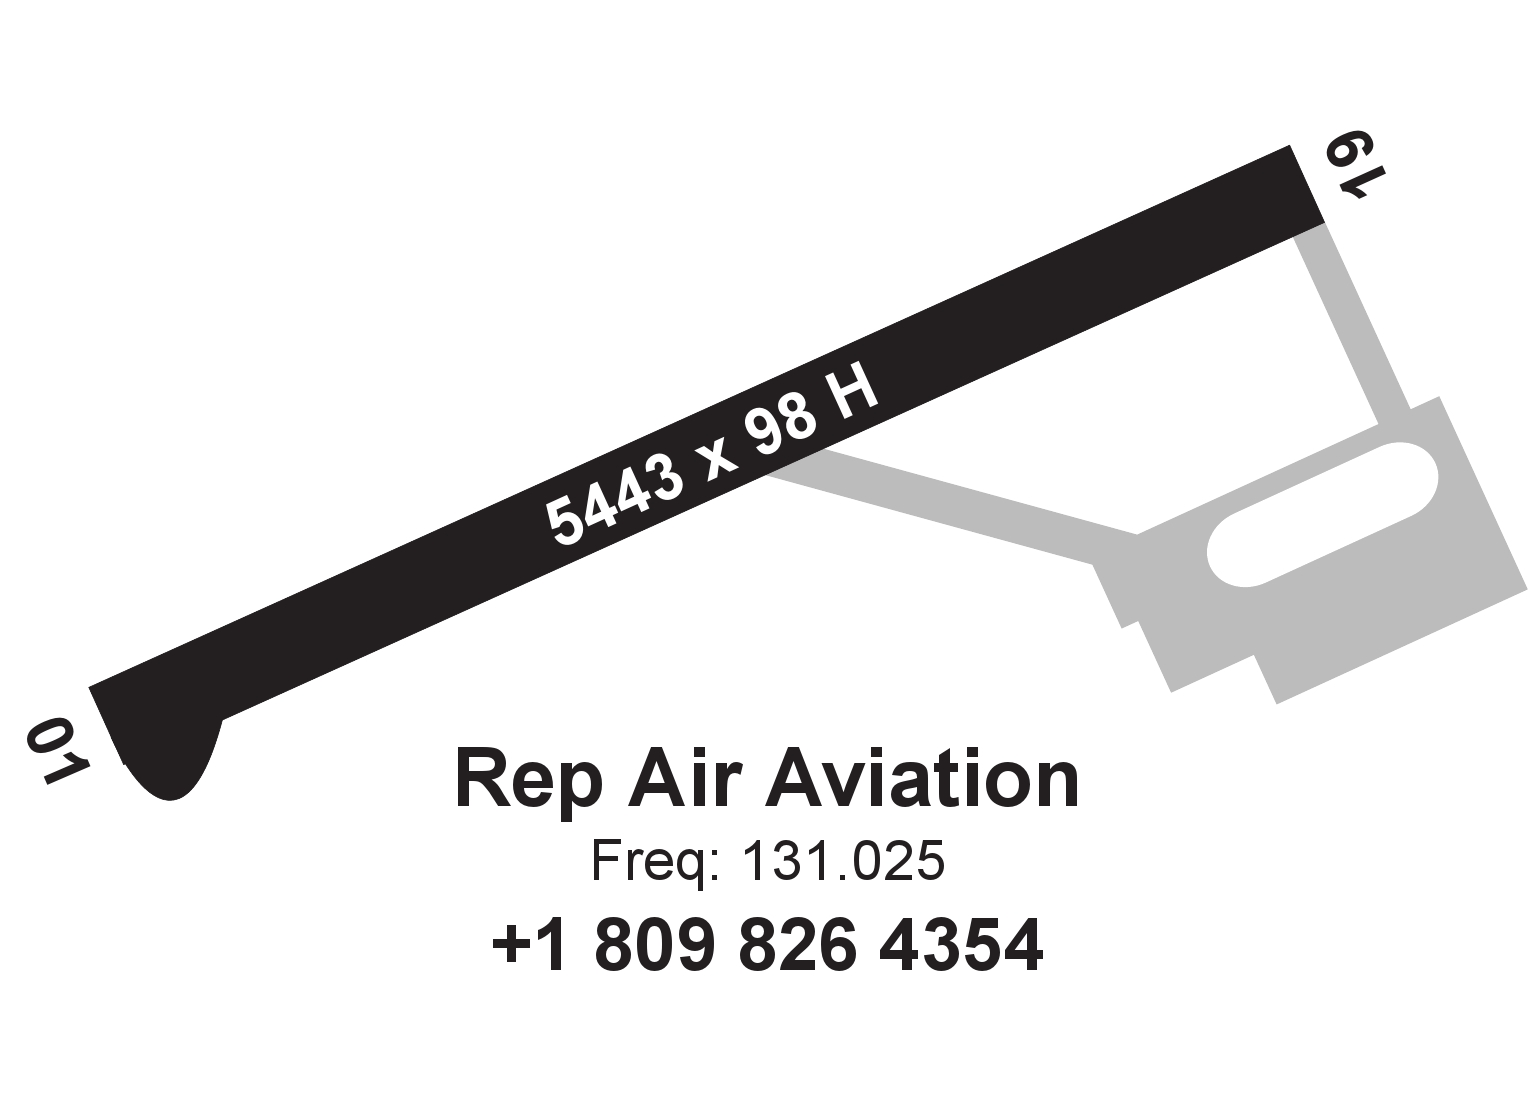 Rep Air Aviation